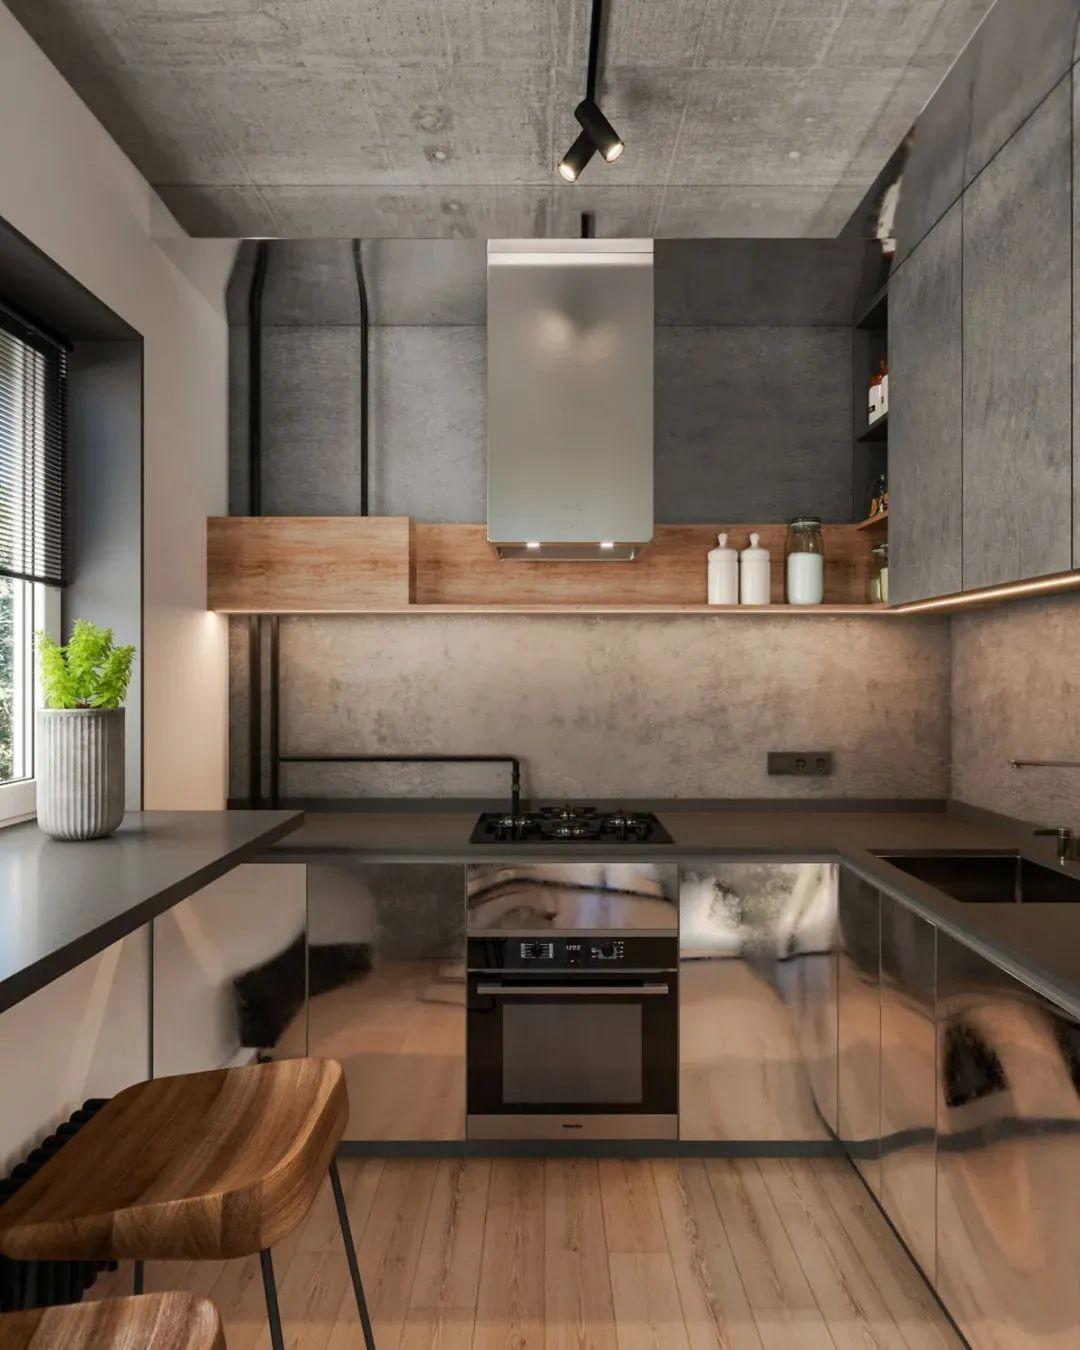 2021工业厨房装修图 2021工业吧台装修设计图片